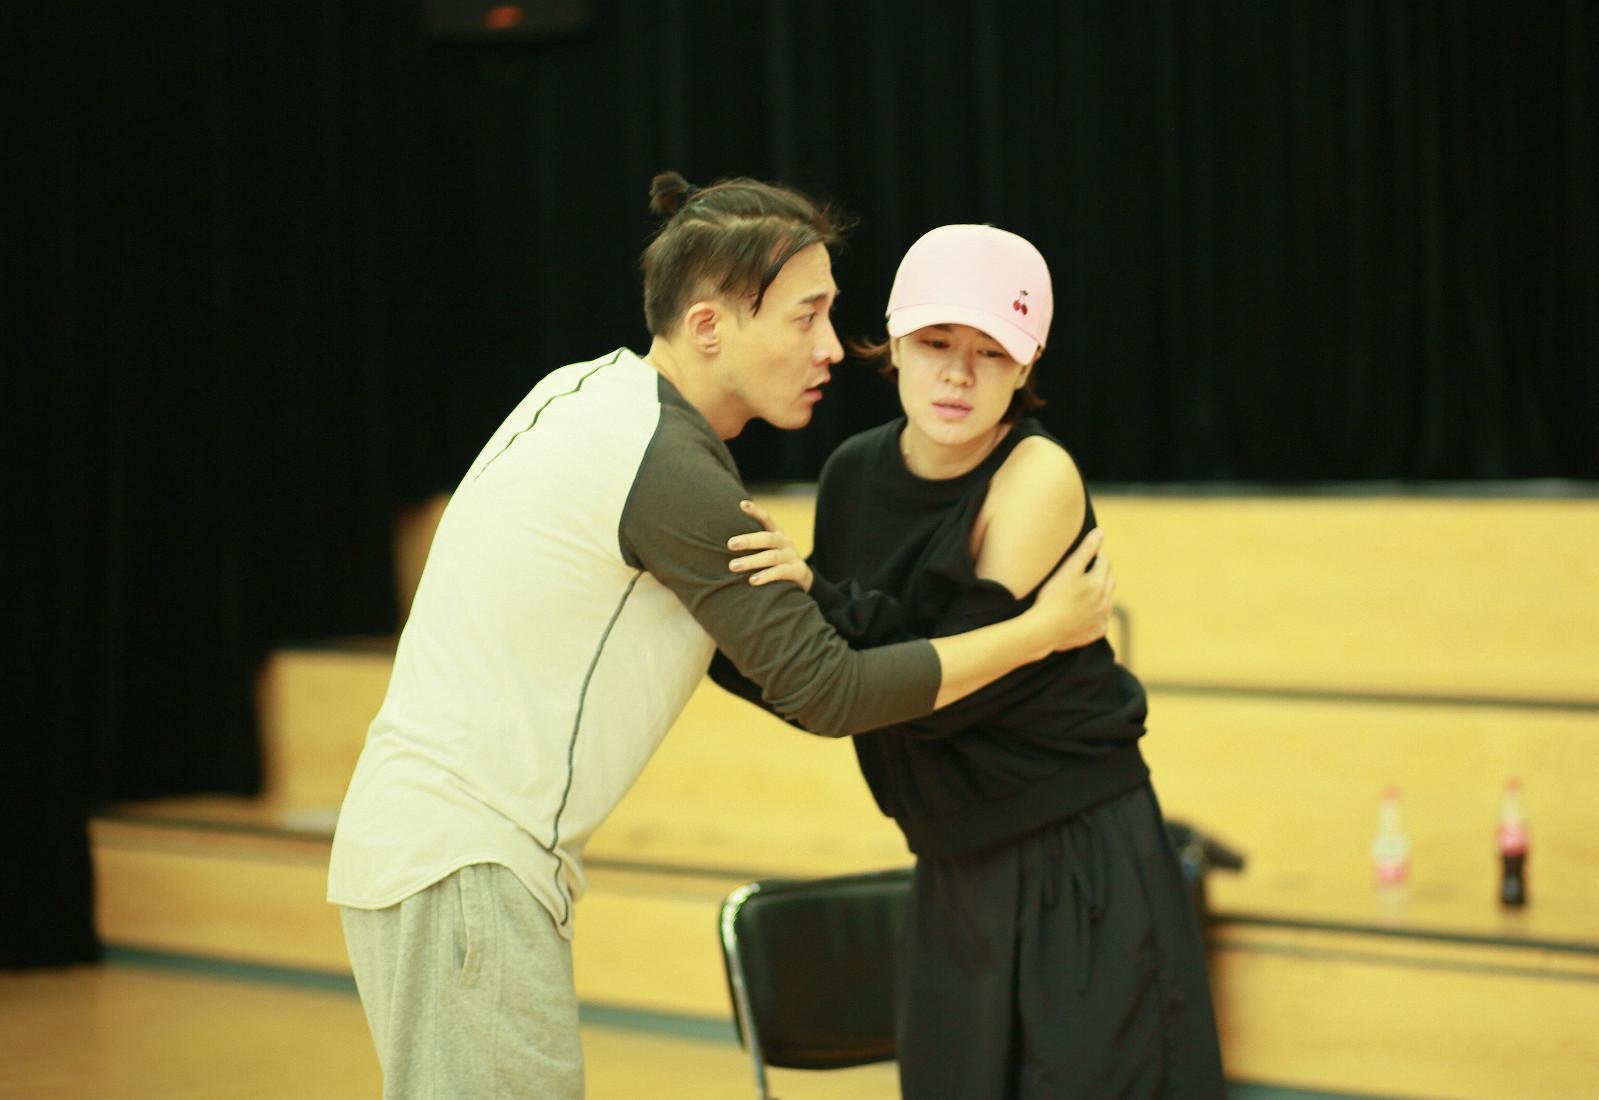 郁可唯音乐剧排练飚演技 领衔《阿尔兹》全国巡演